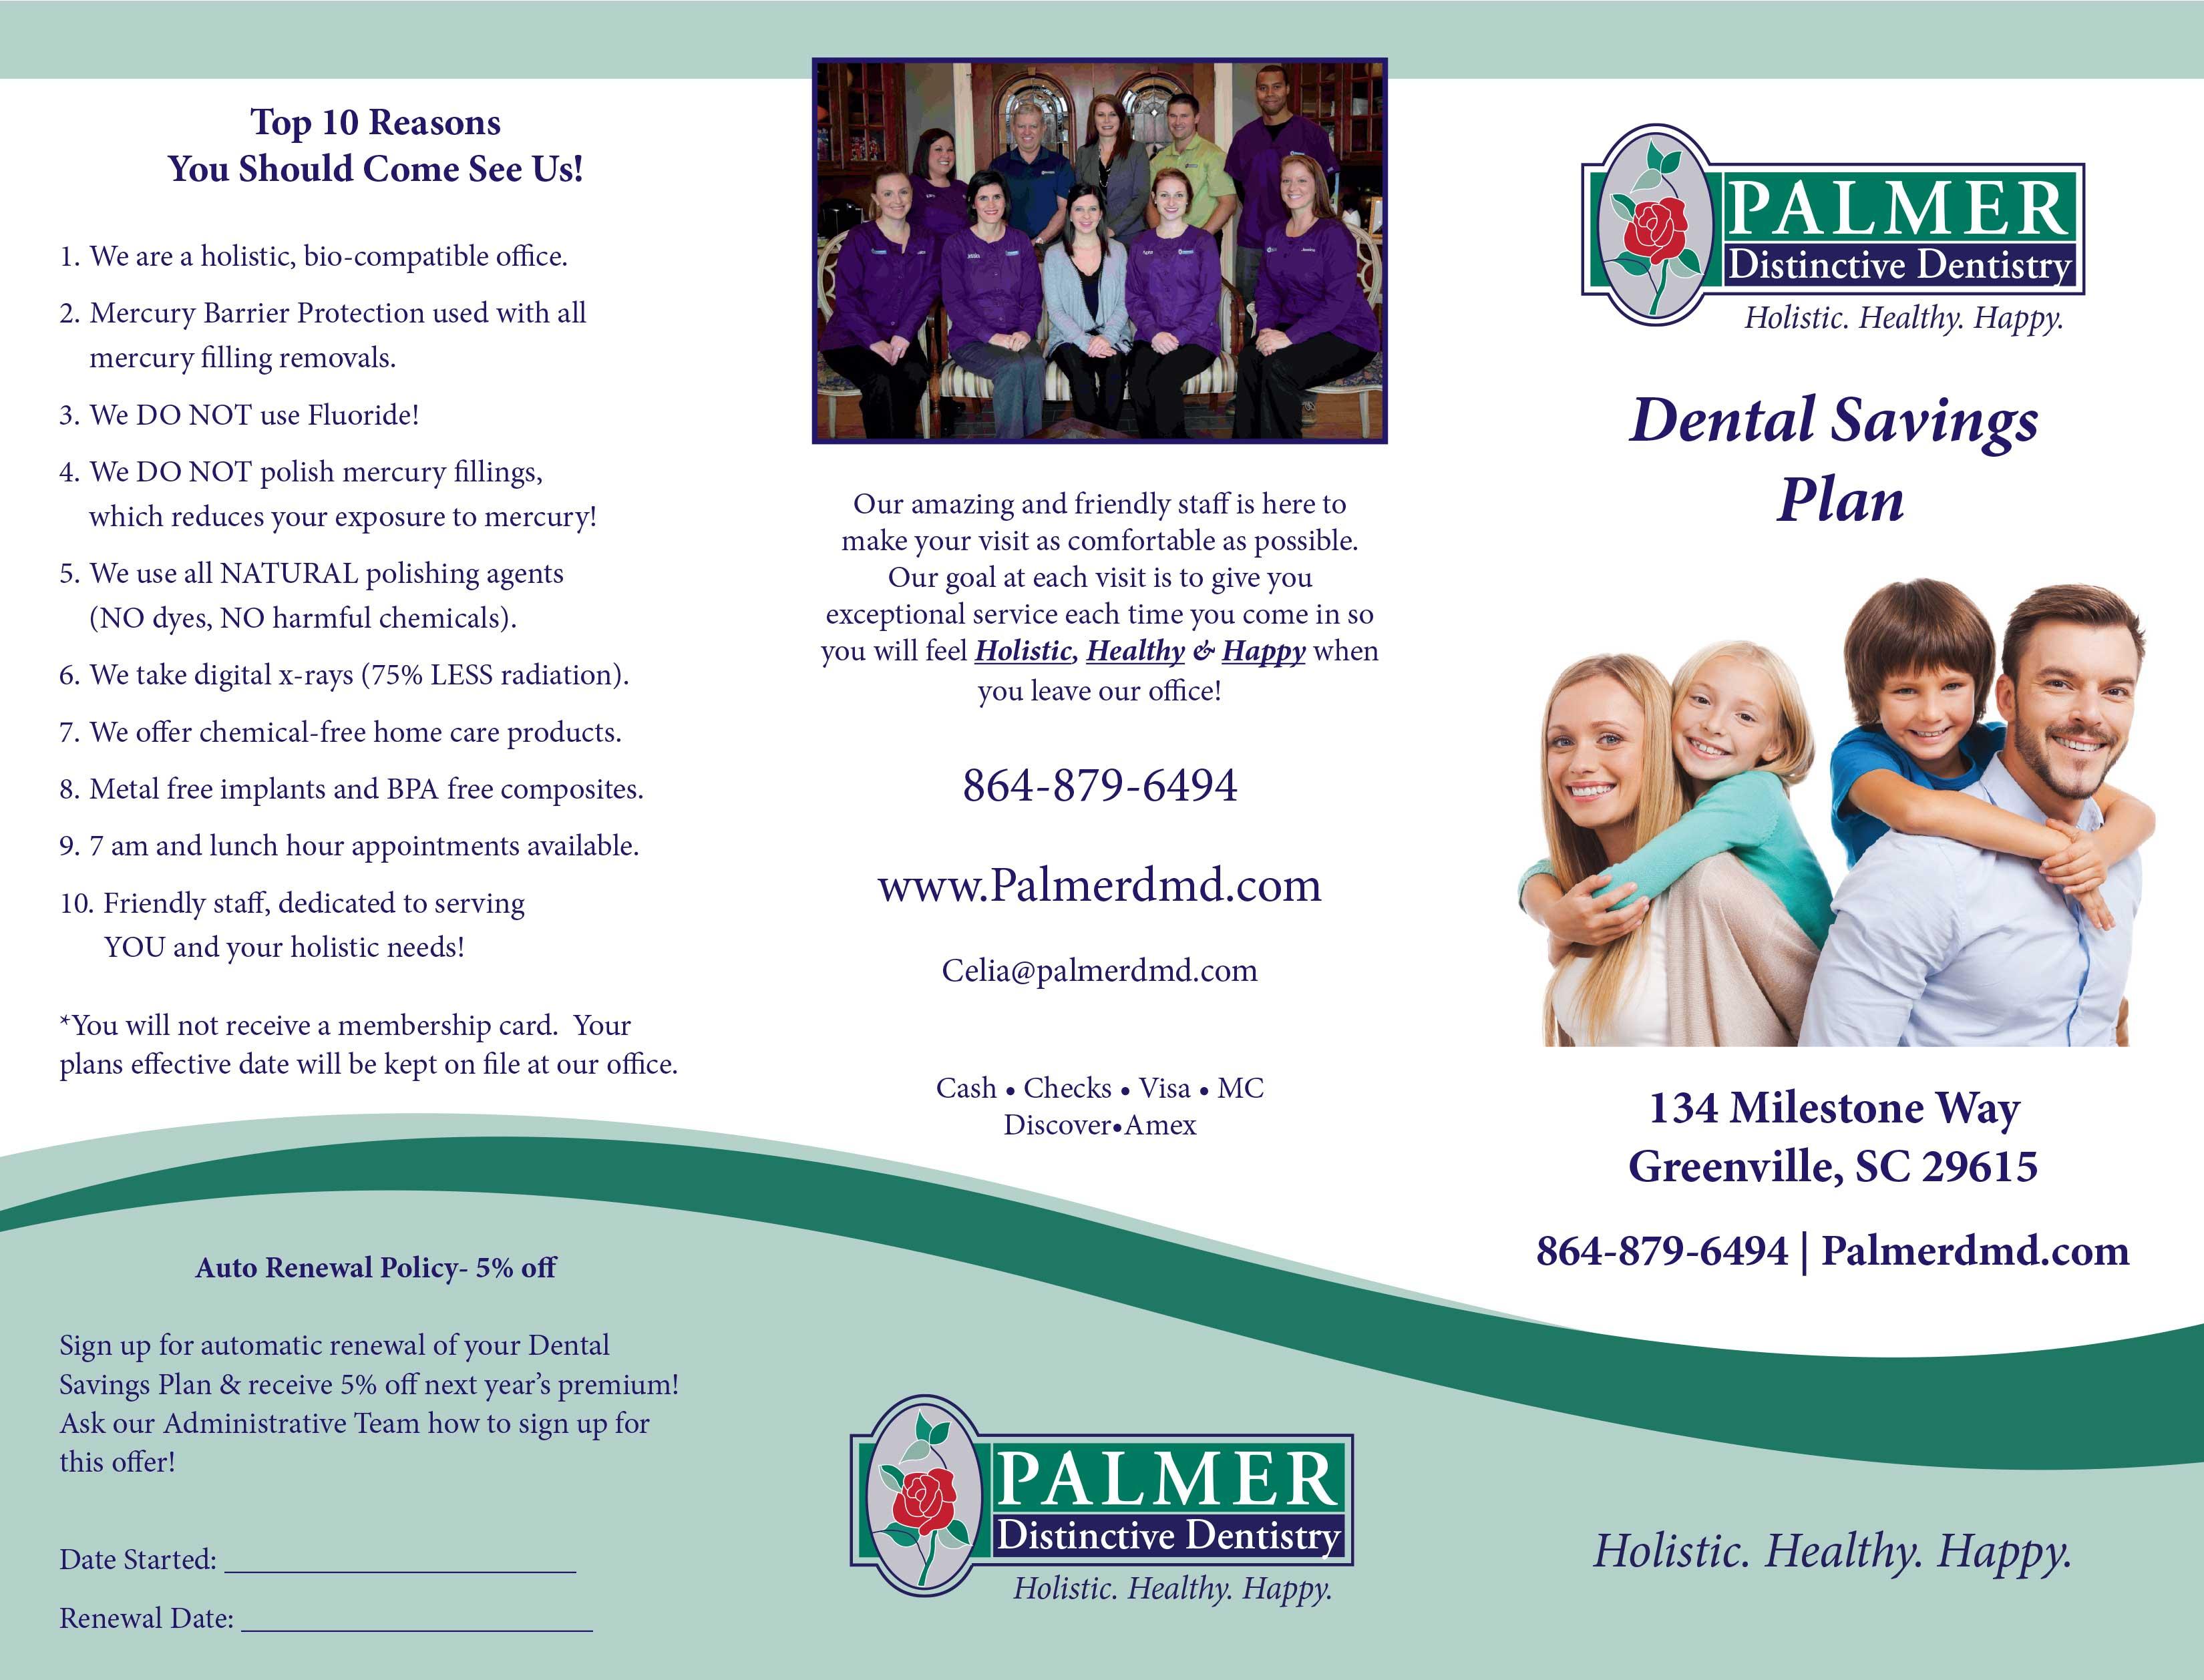 Dentist Greenville SC - Dental Savings Plan 1